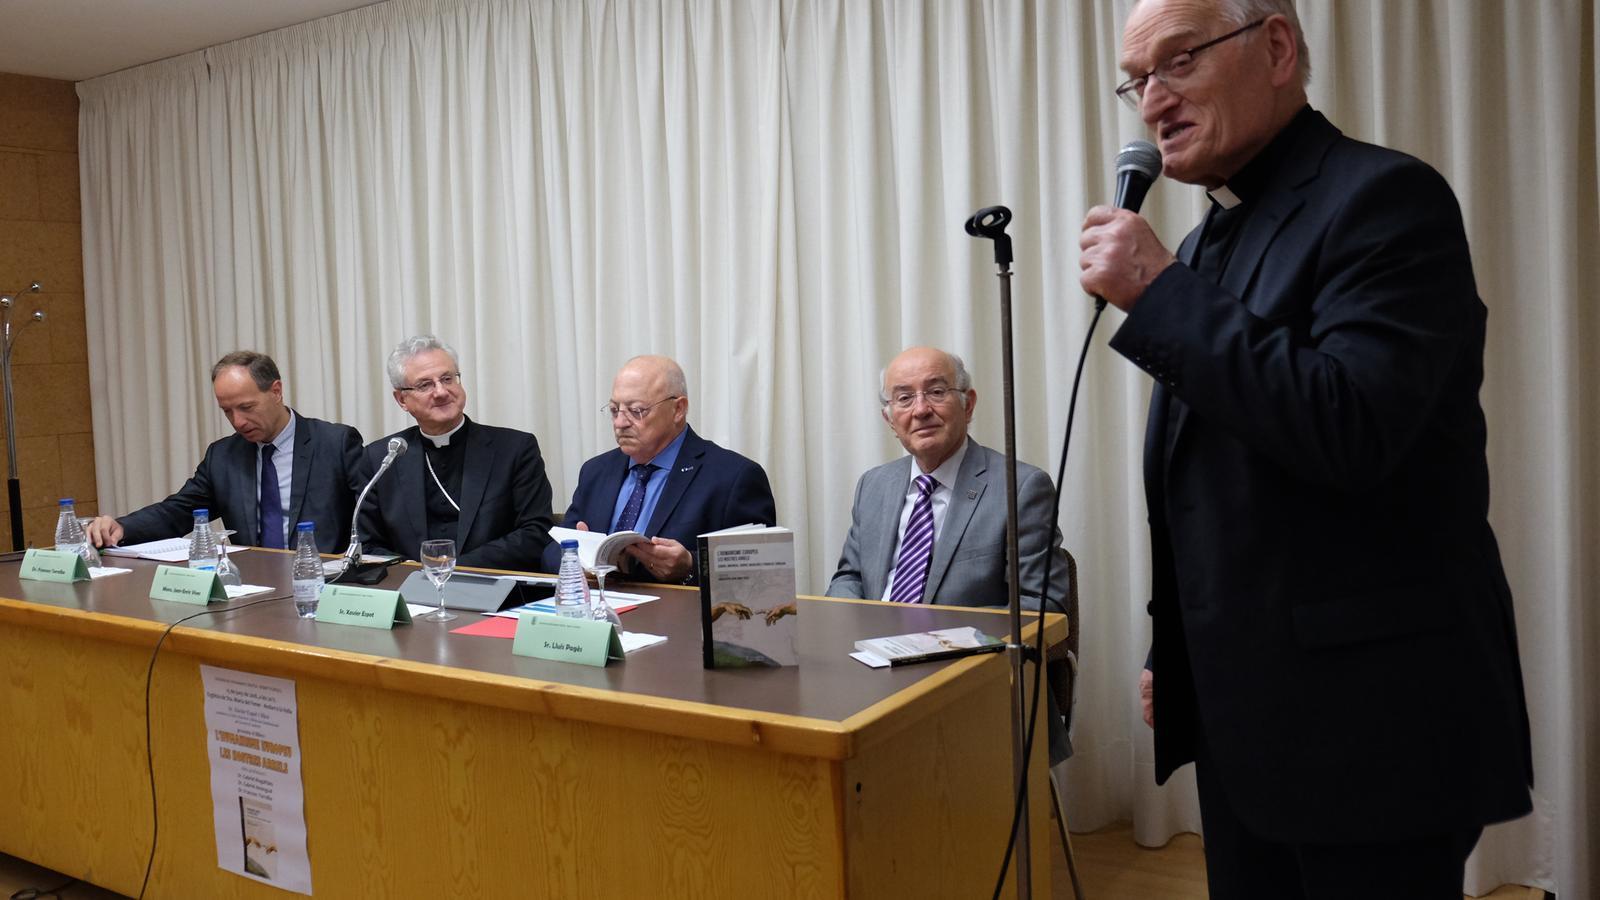 Presentació del recull de ponències de la Càtedra de Pensament Cristià. M. T. (ANA)